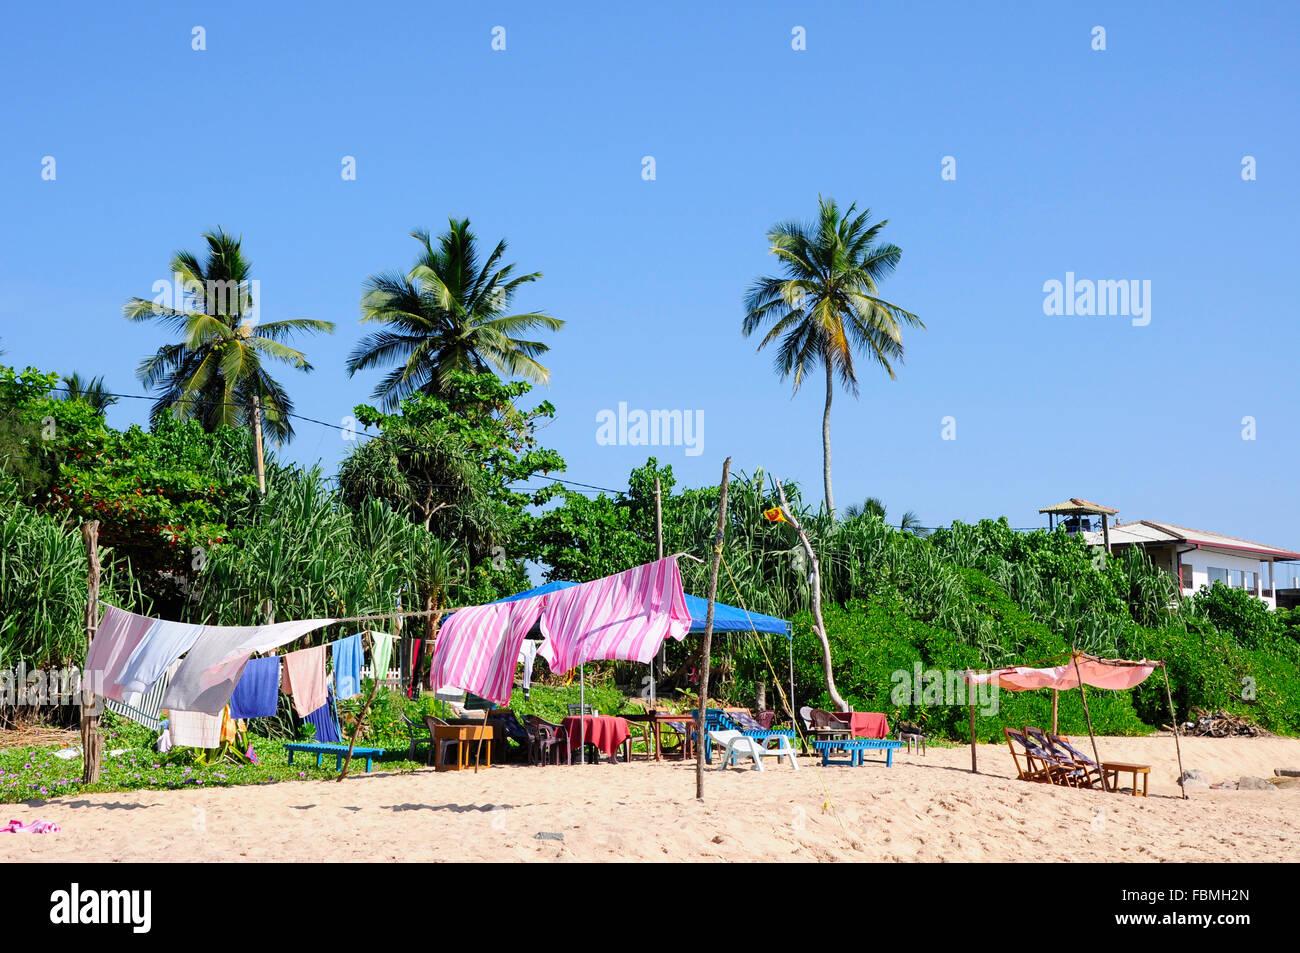 Jour de lessive sur la plage Photo Stock